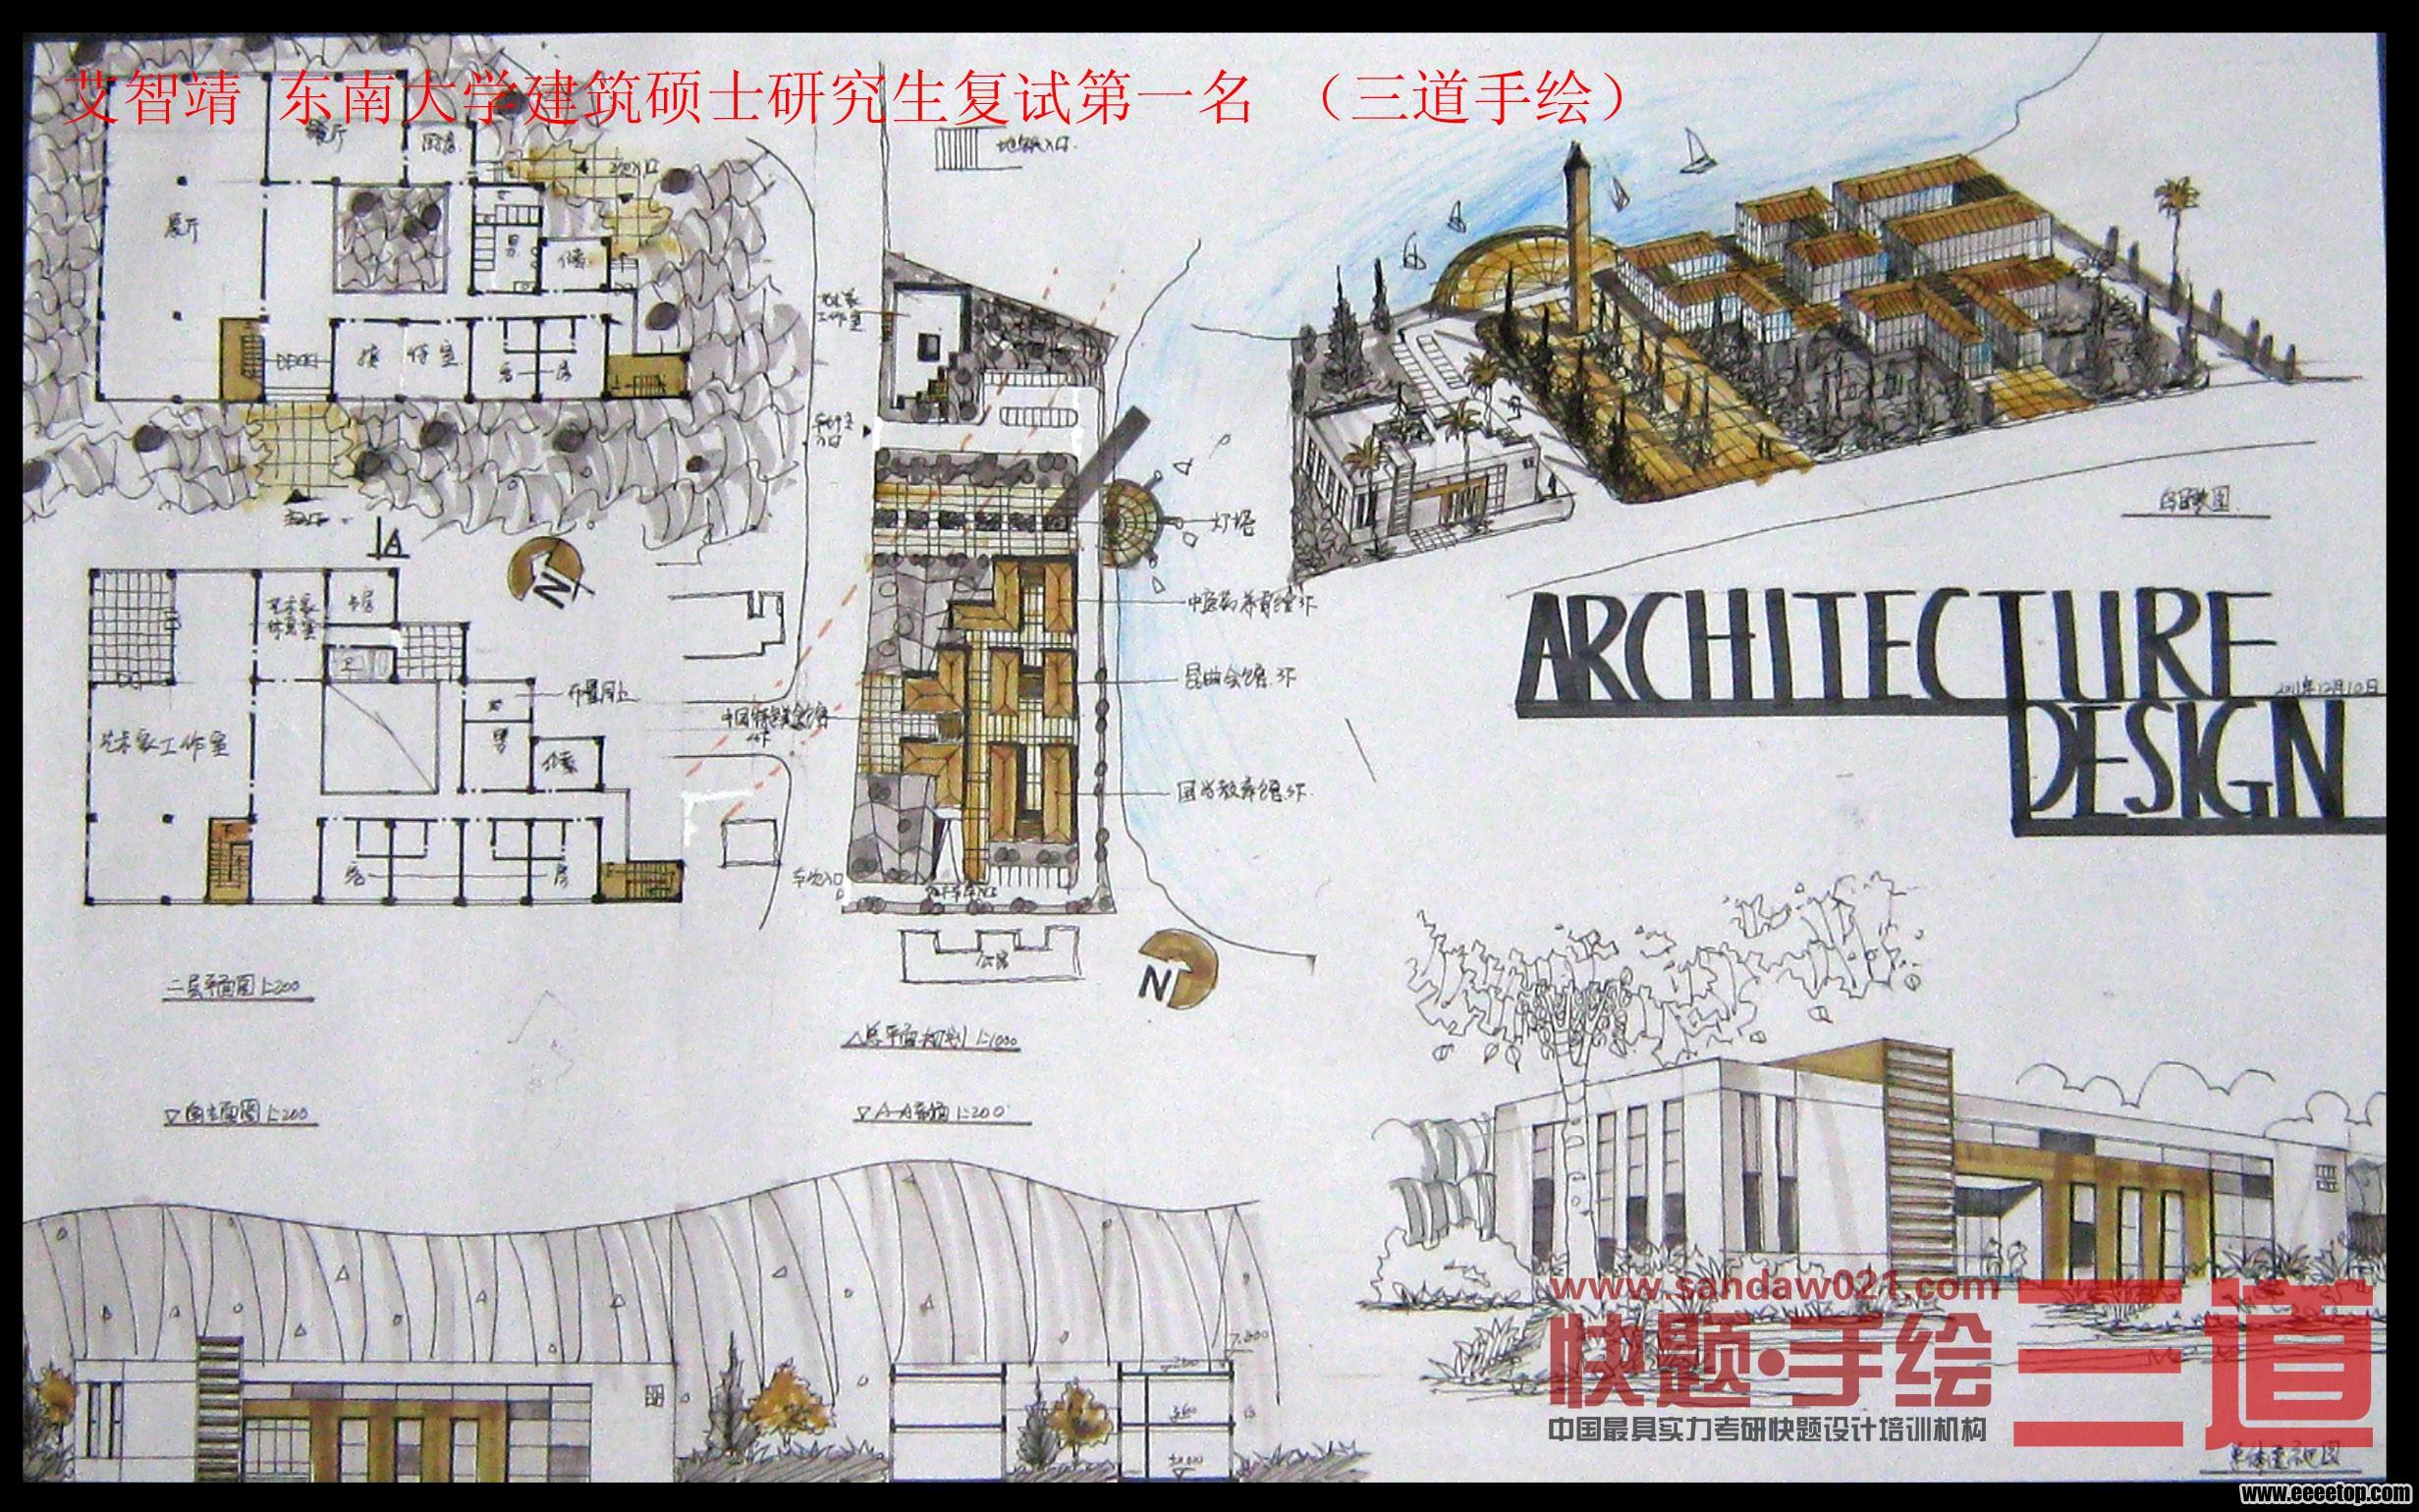 艾智靖 东南大学建筑复试 第一名.jpg 中国高校高分快题设计高清图片